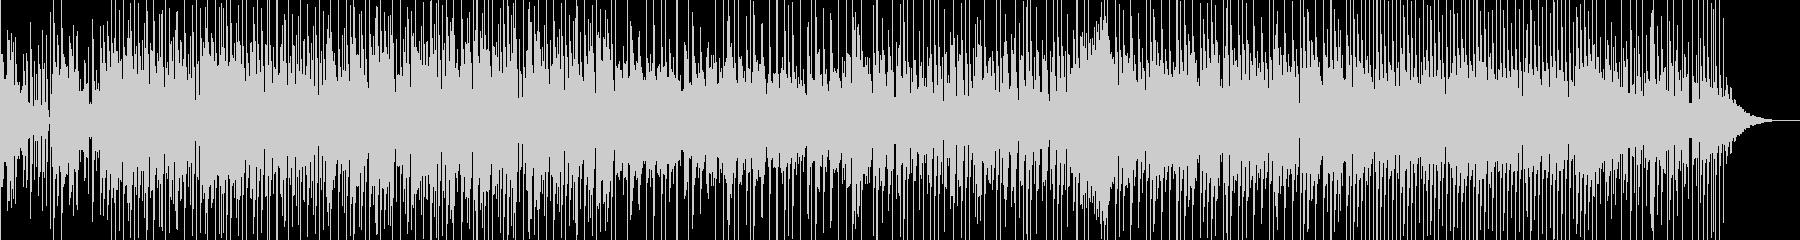 軽快なリズムに怪しげなリフが印象的な曲の未再生の波形